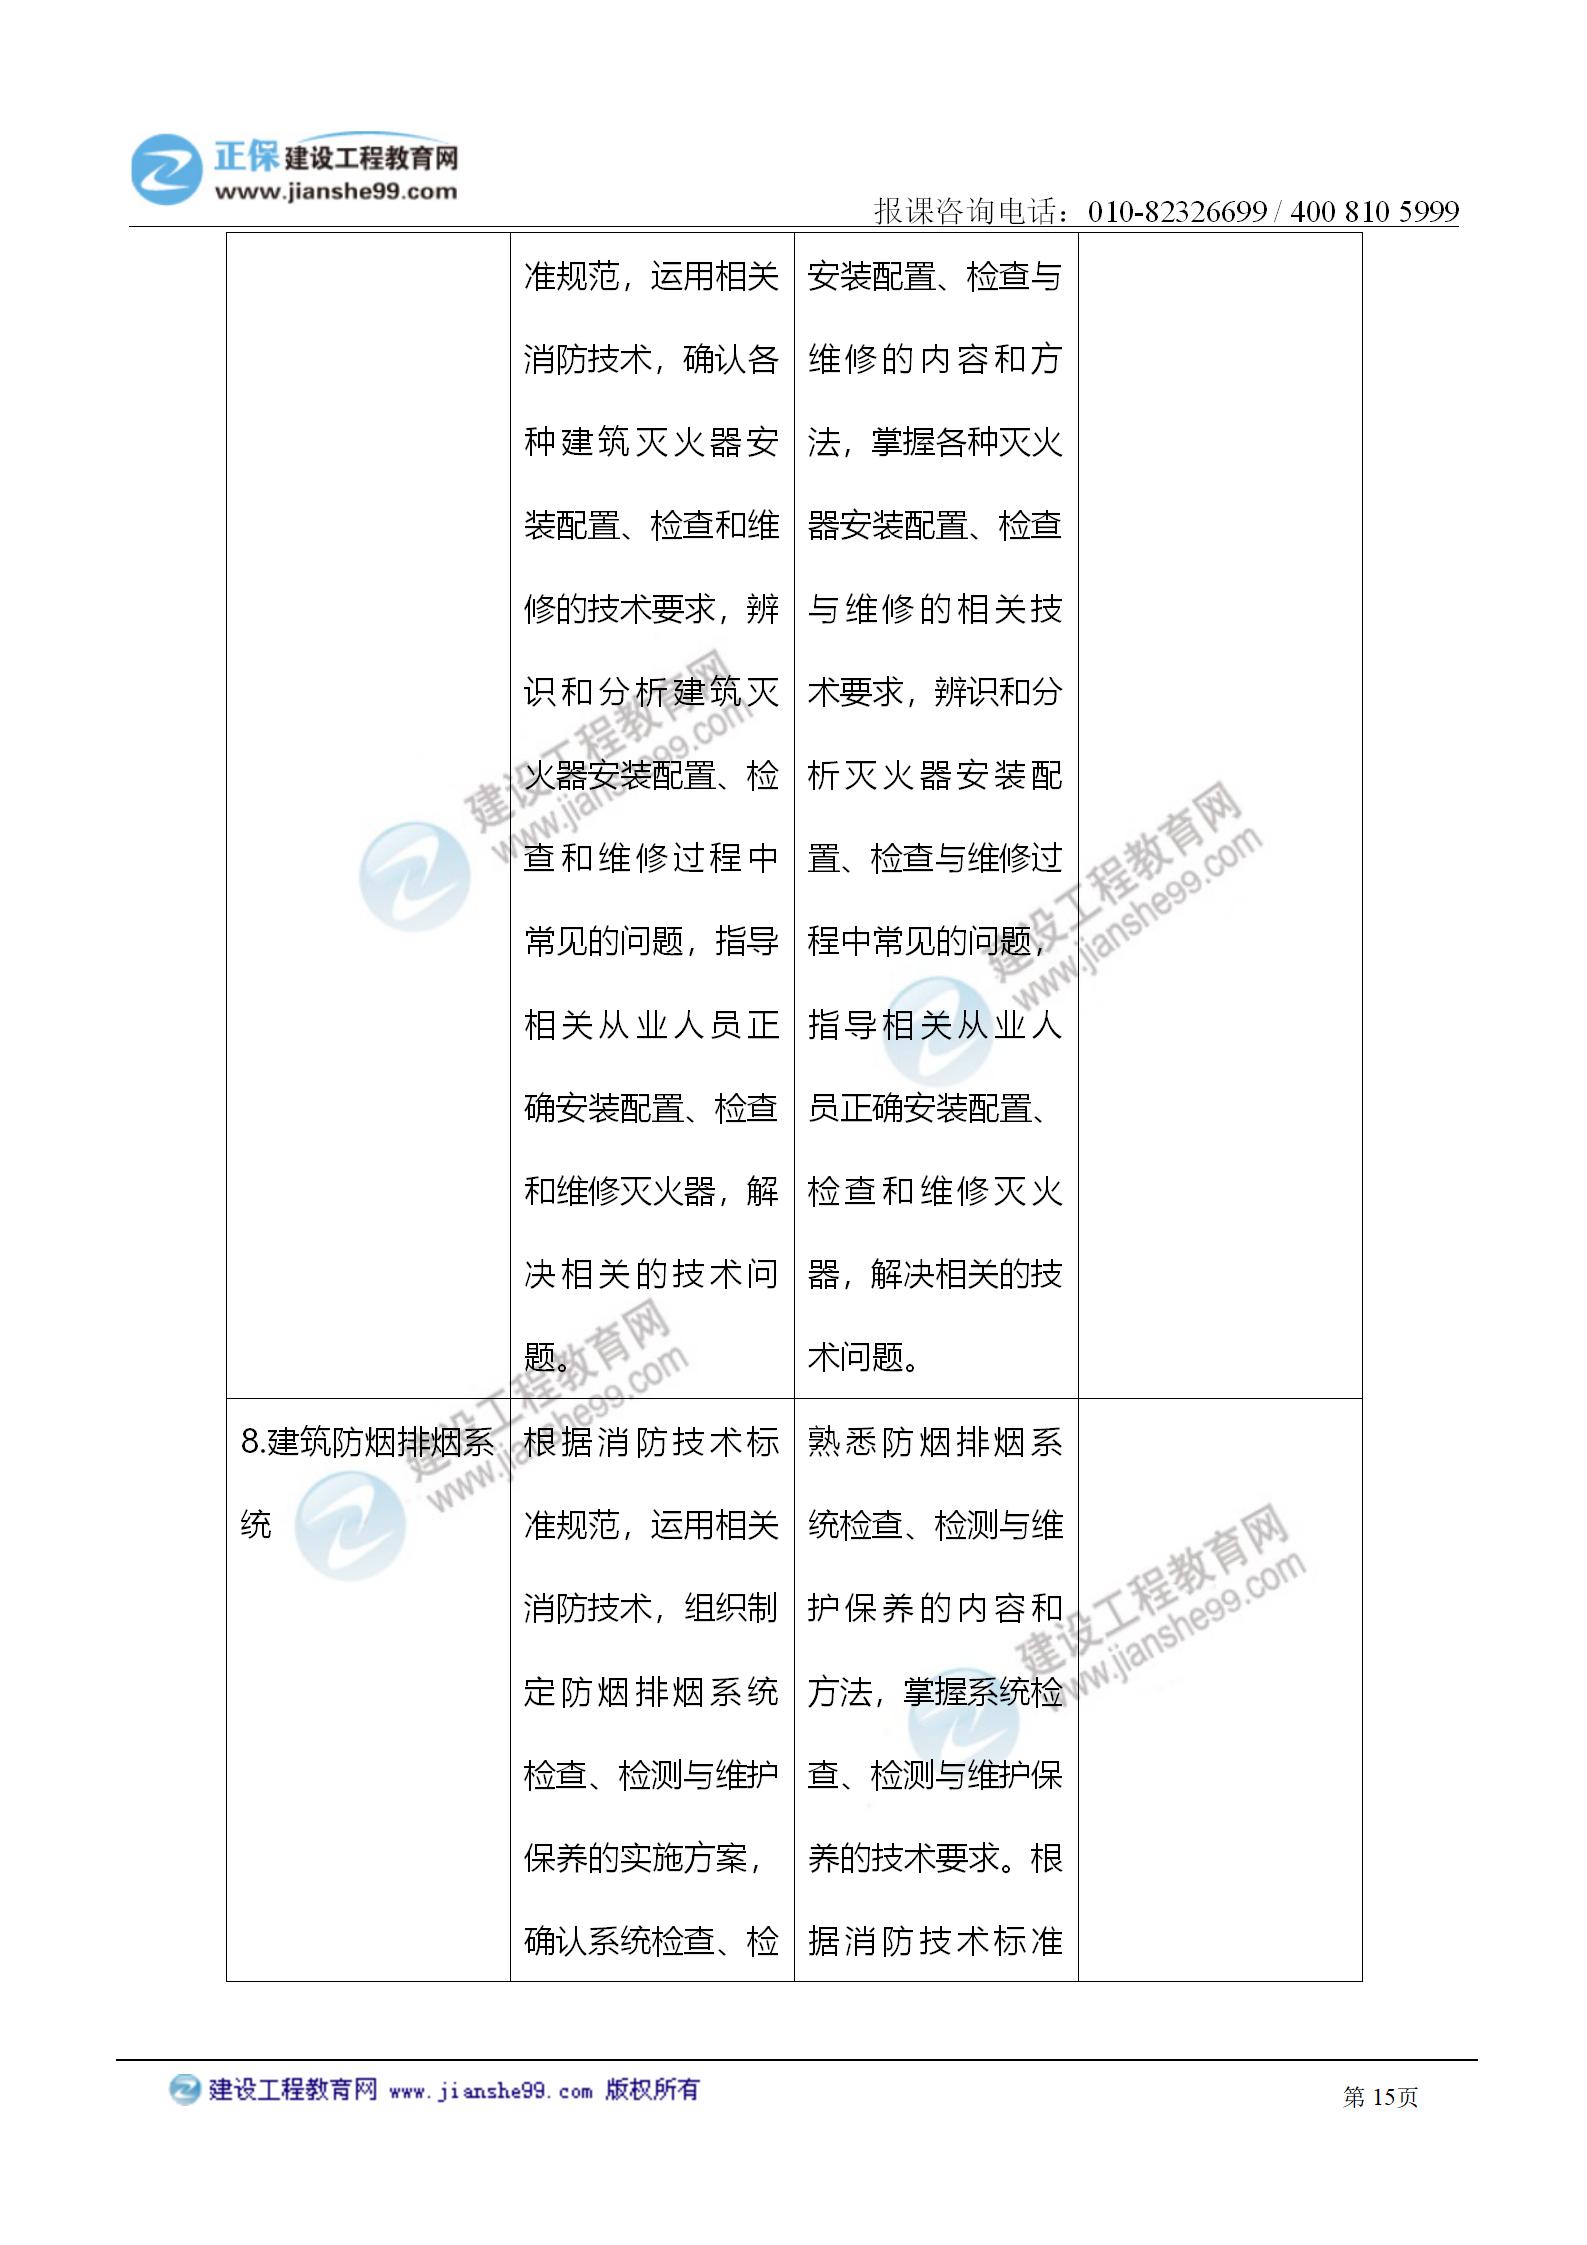 2021注册消防工程师《综合能力》考试大纲变化情况_15